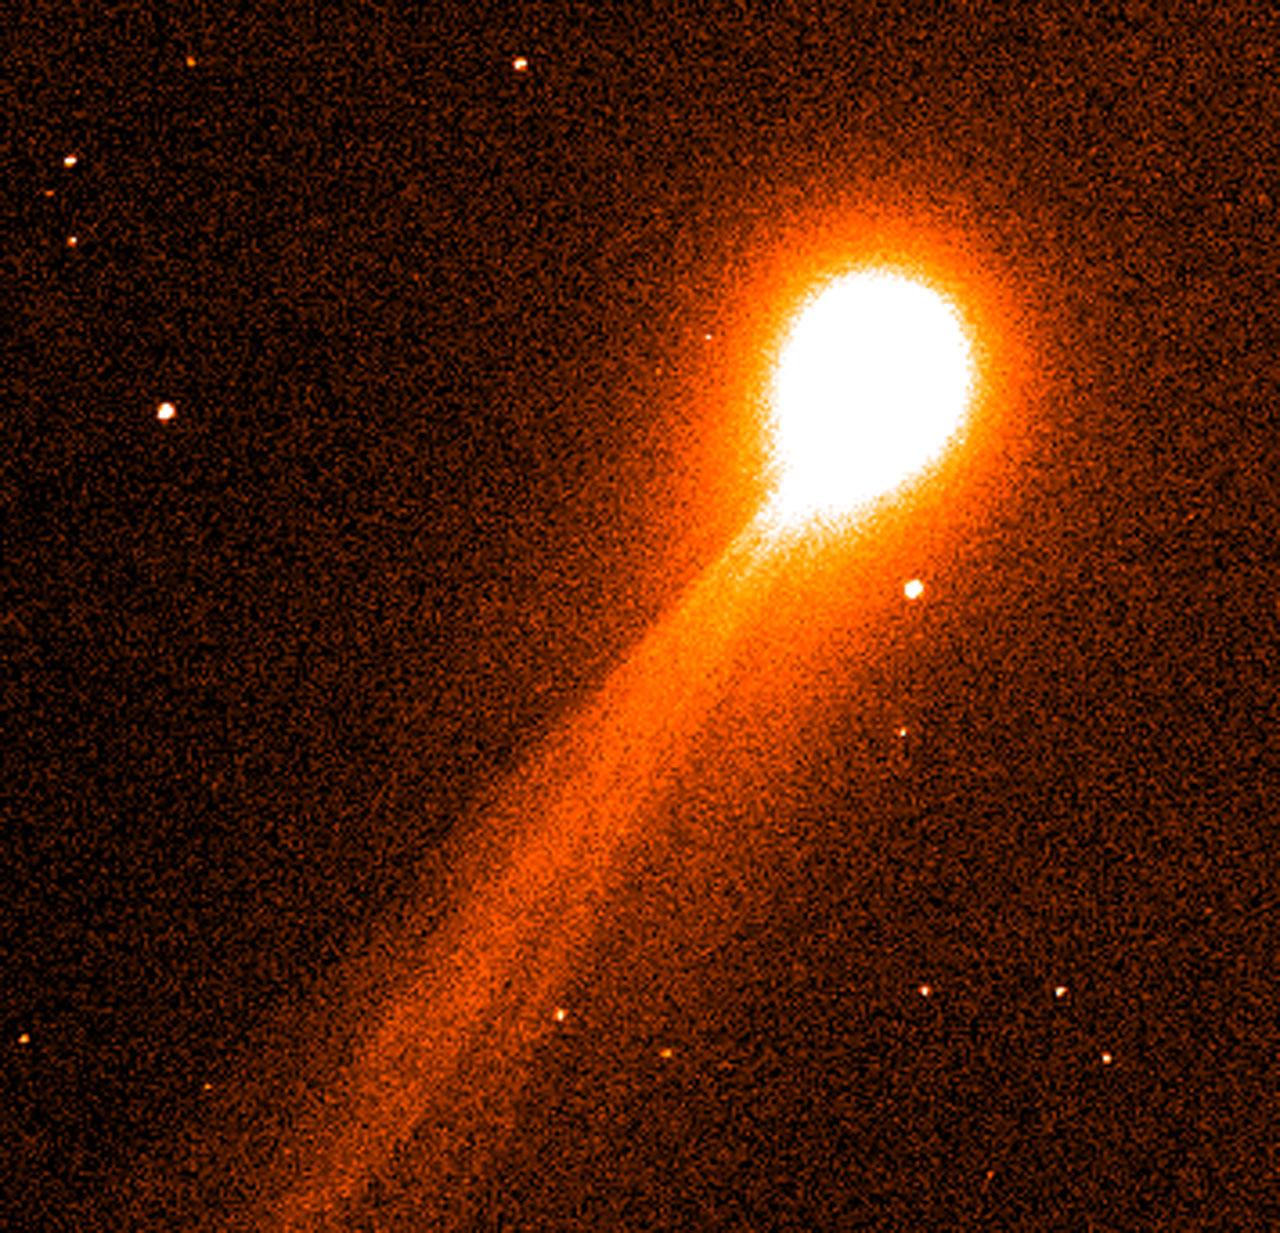 Bright Comet 1995 Q1